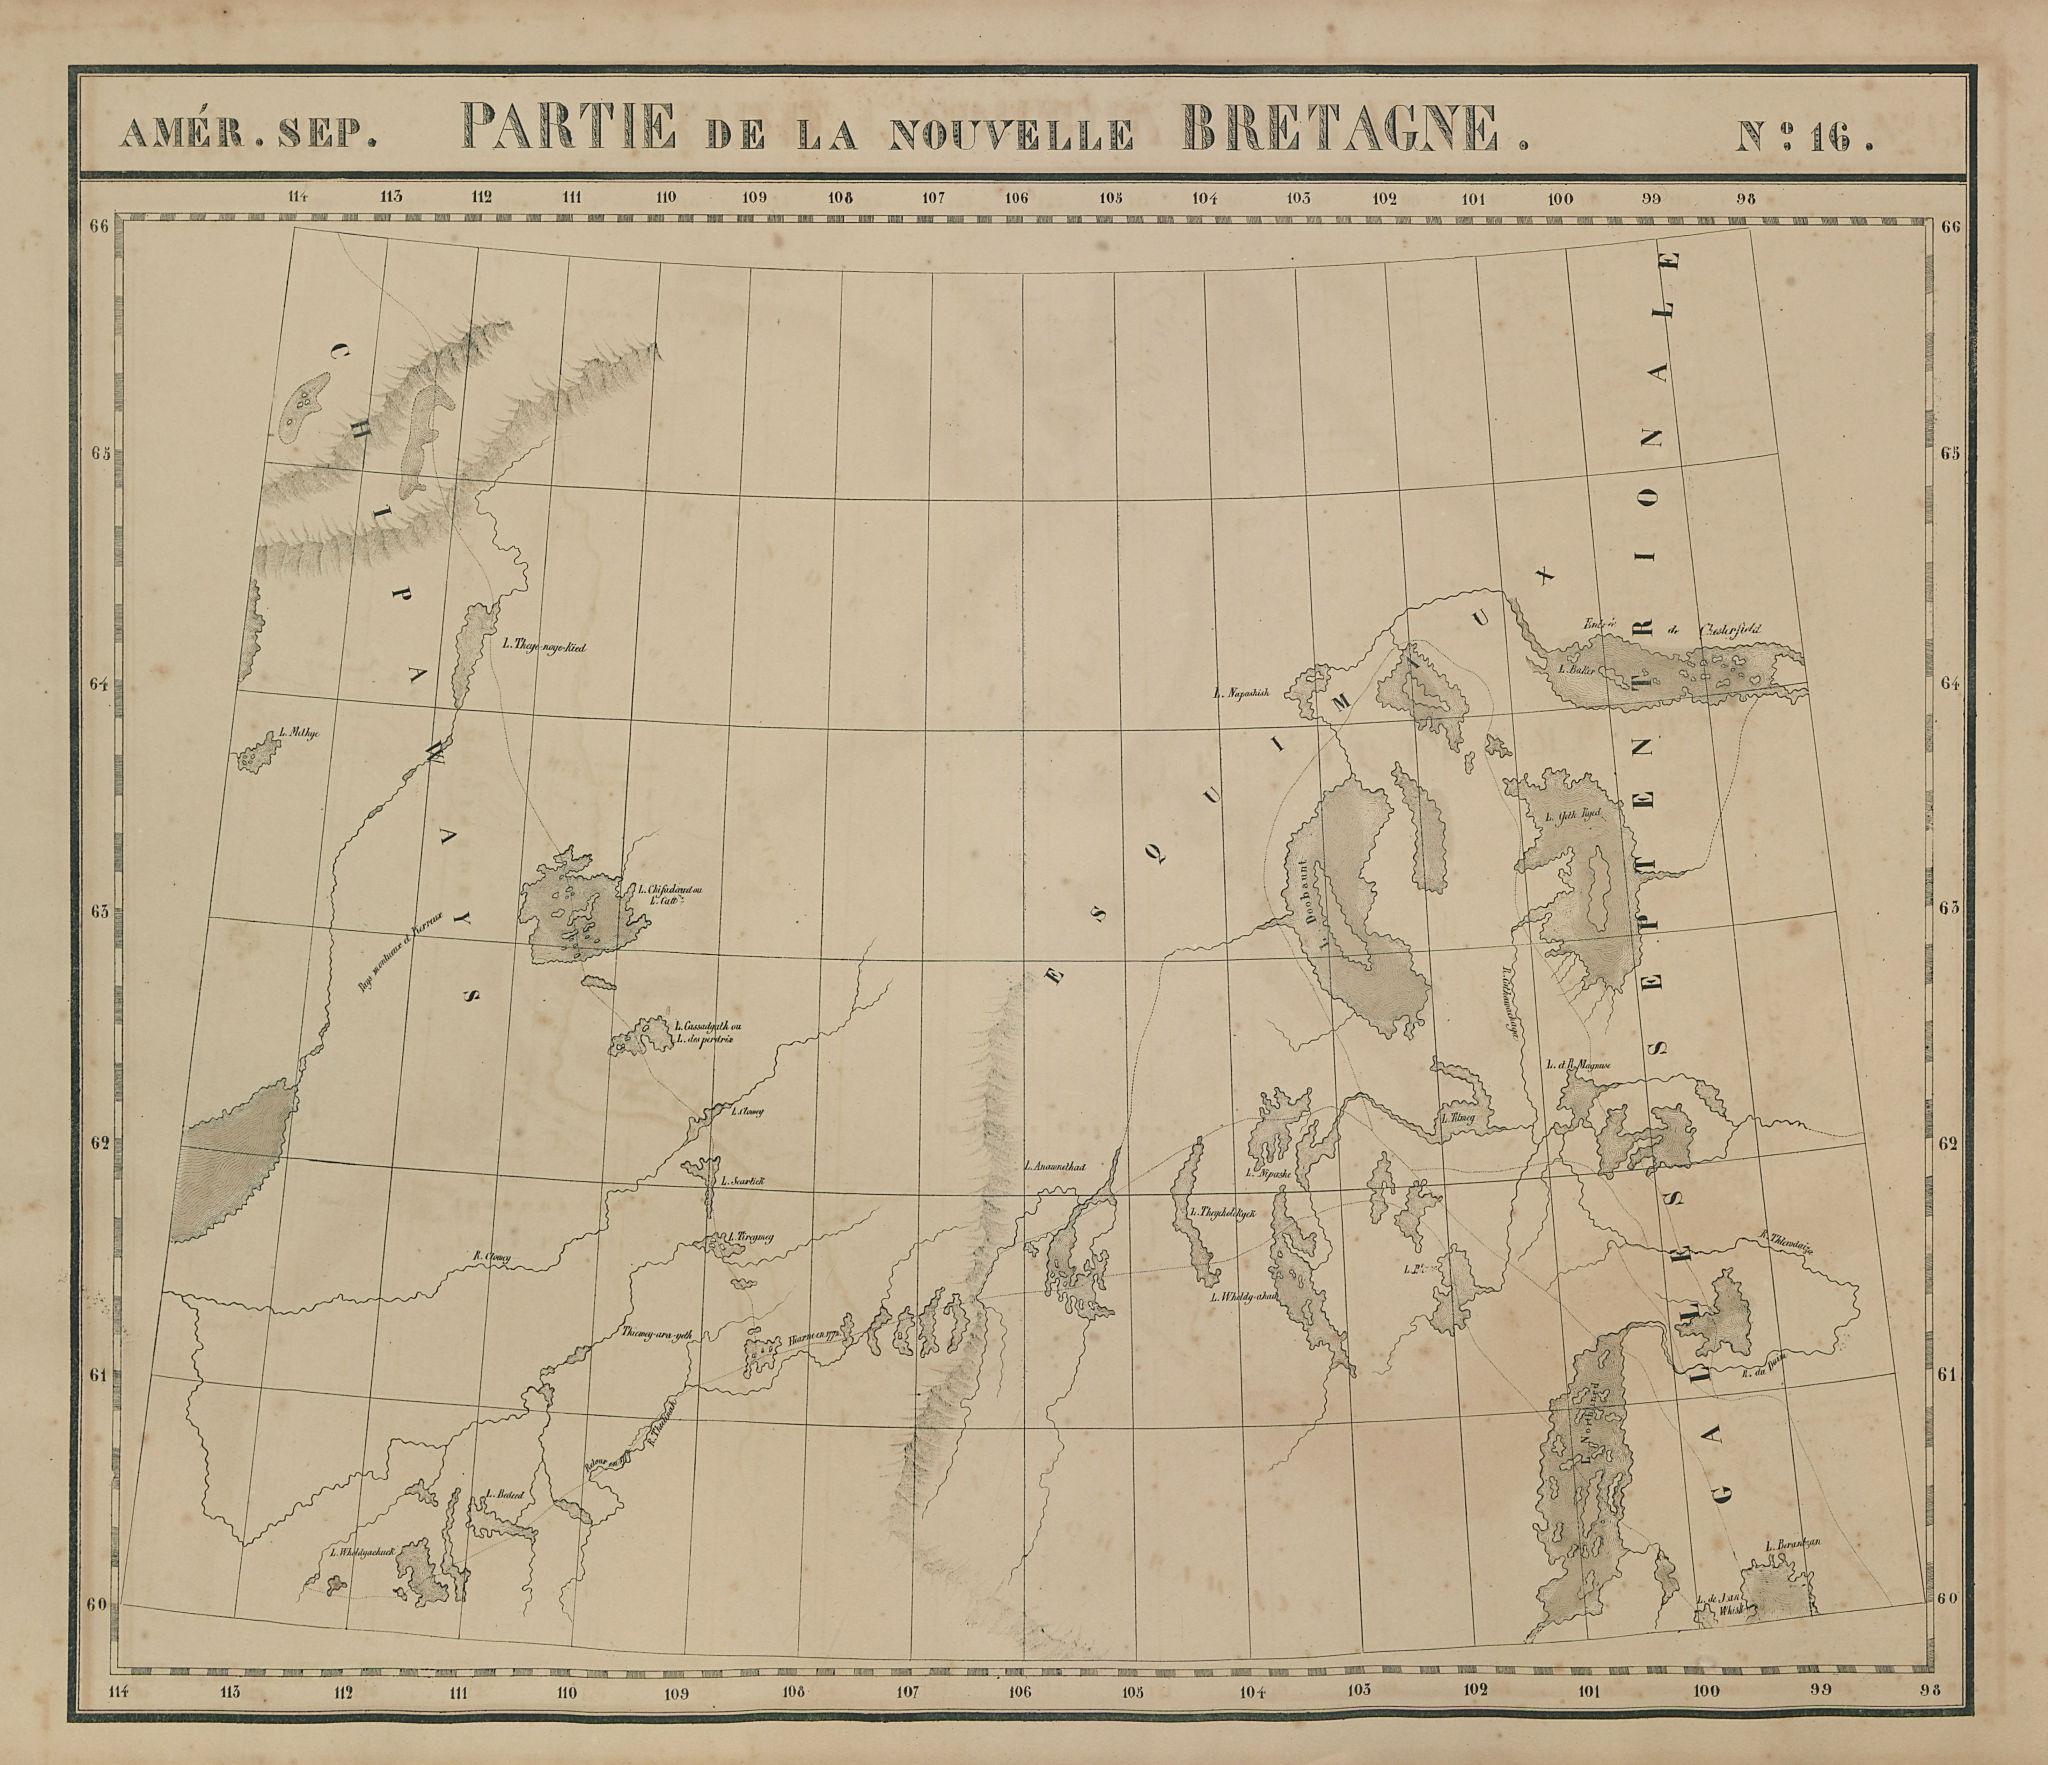 Amér. Sep. Partie de la Nouvelle Bretagne #16. NWT Nunavut VANDERMAELEN 1827 map